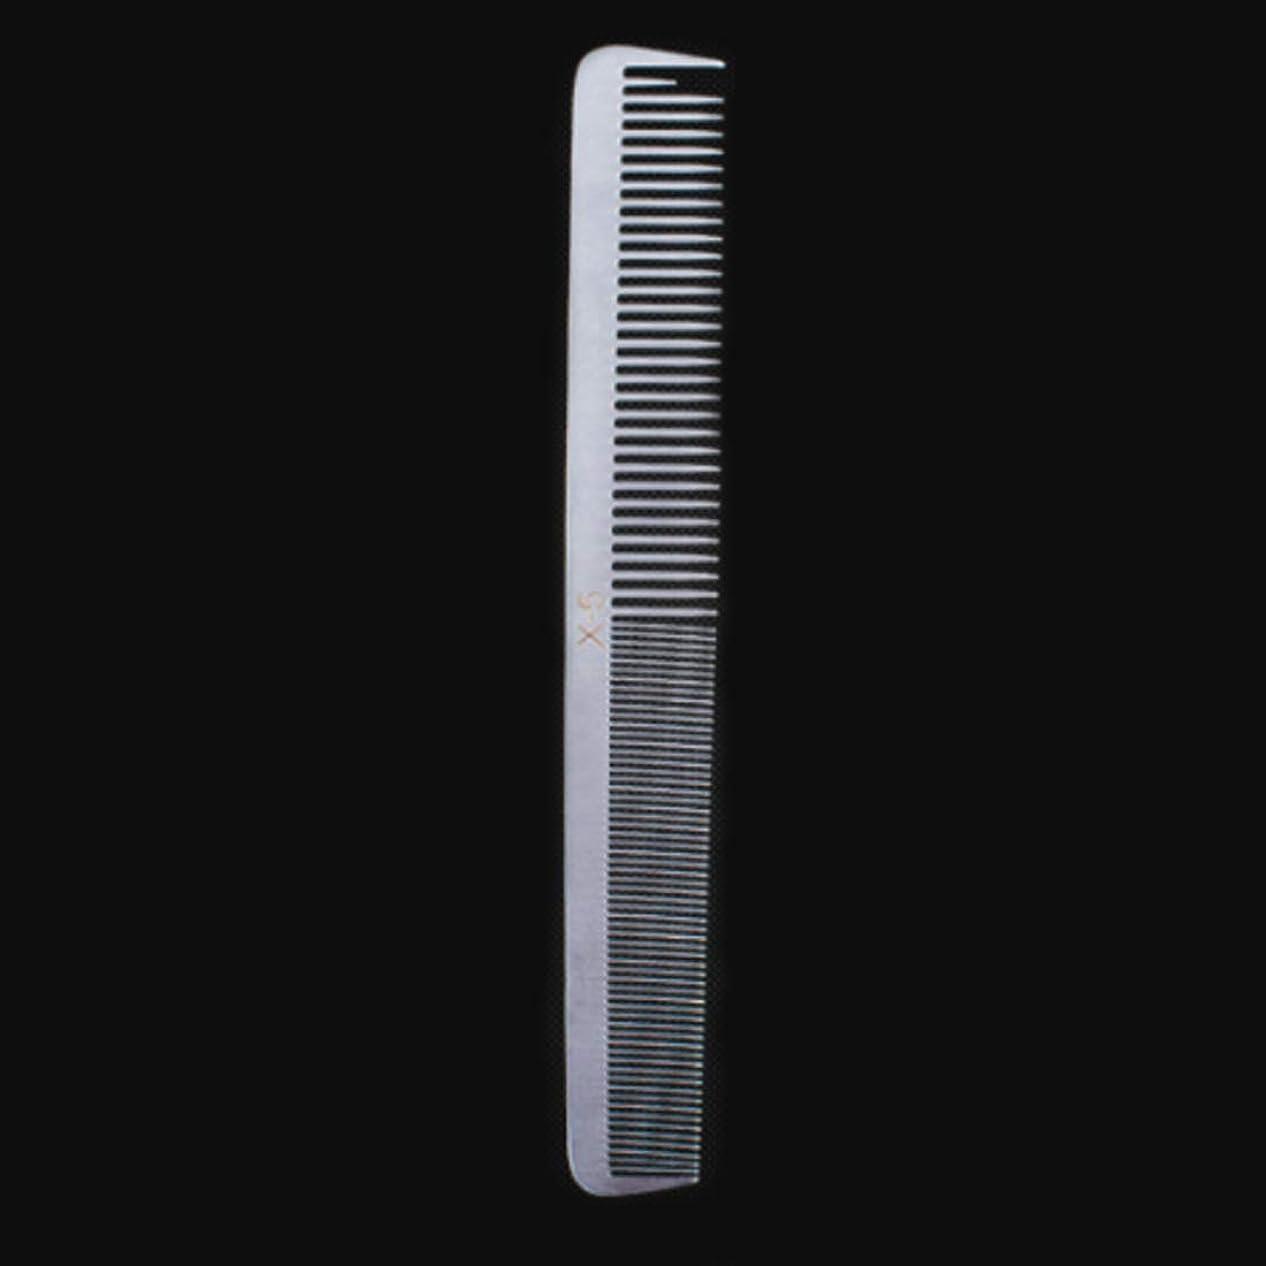 太陽上下する塊特別な薄いステンレス鋼の毛の櫛、女性のための帯電防止櫛または人のための平らな毛との銀製の白さまざまな櫛 モデリングツール (サイズ : X5)